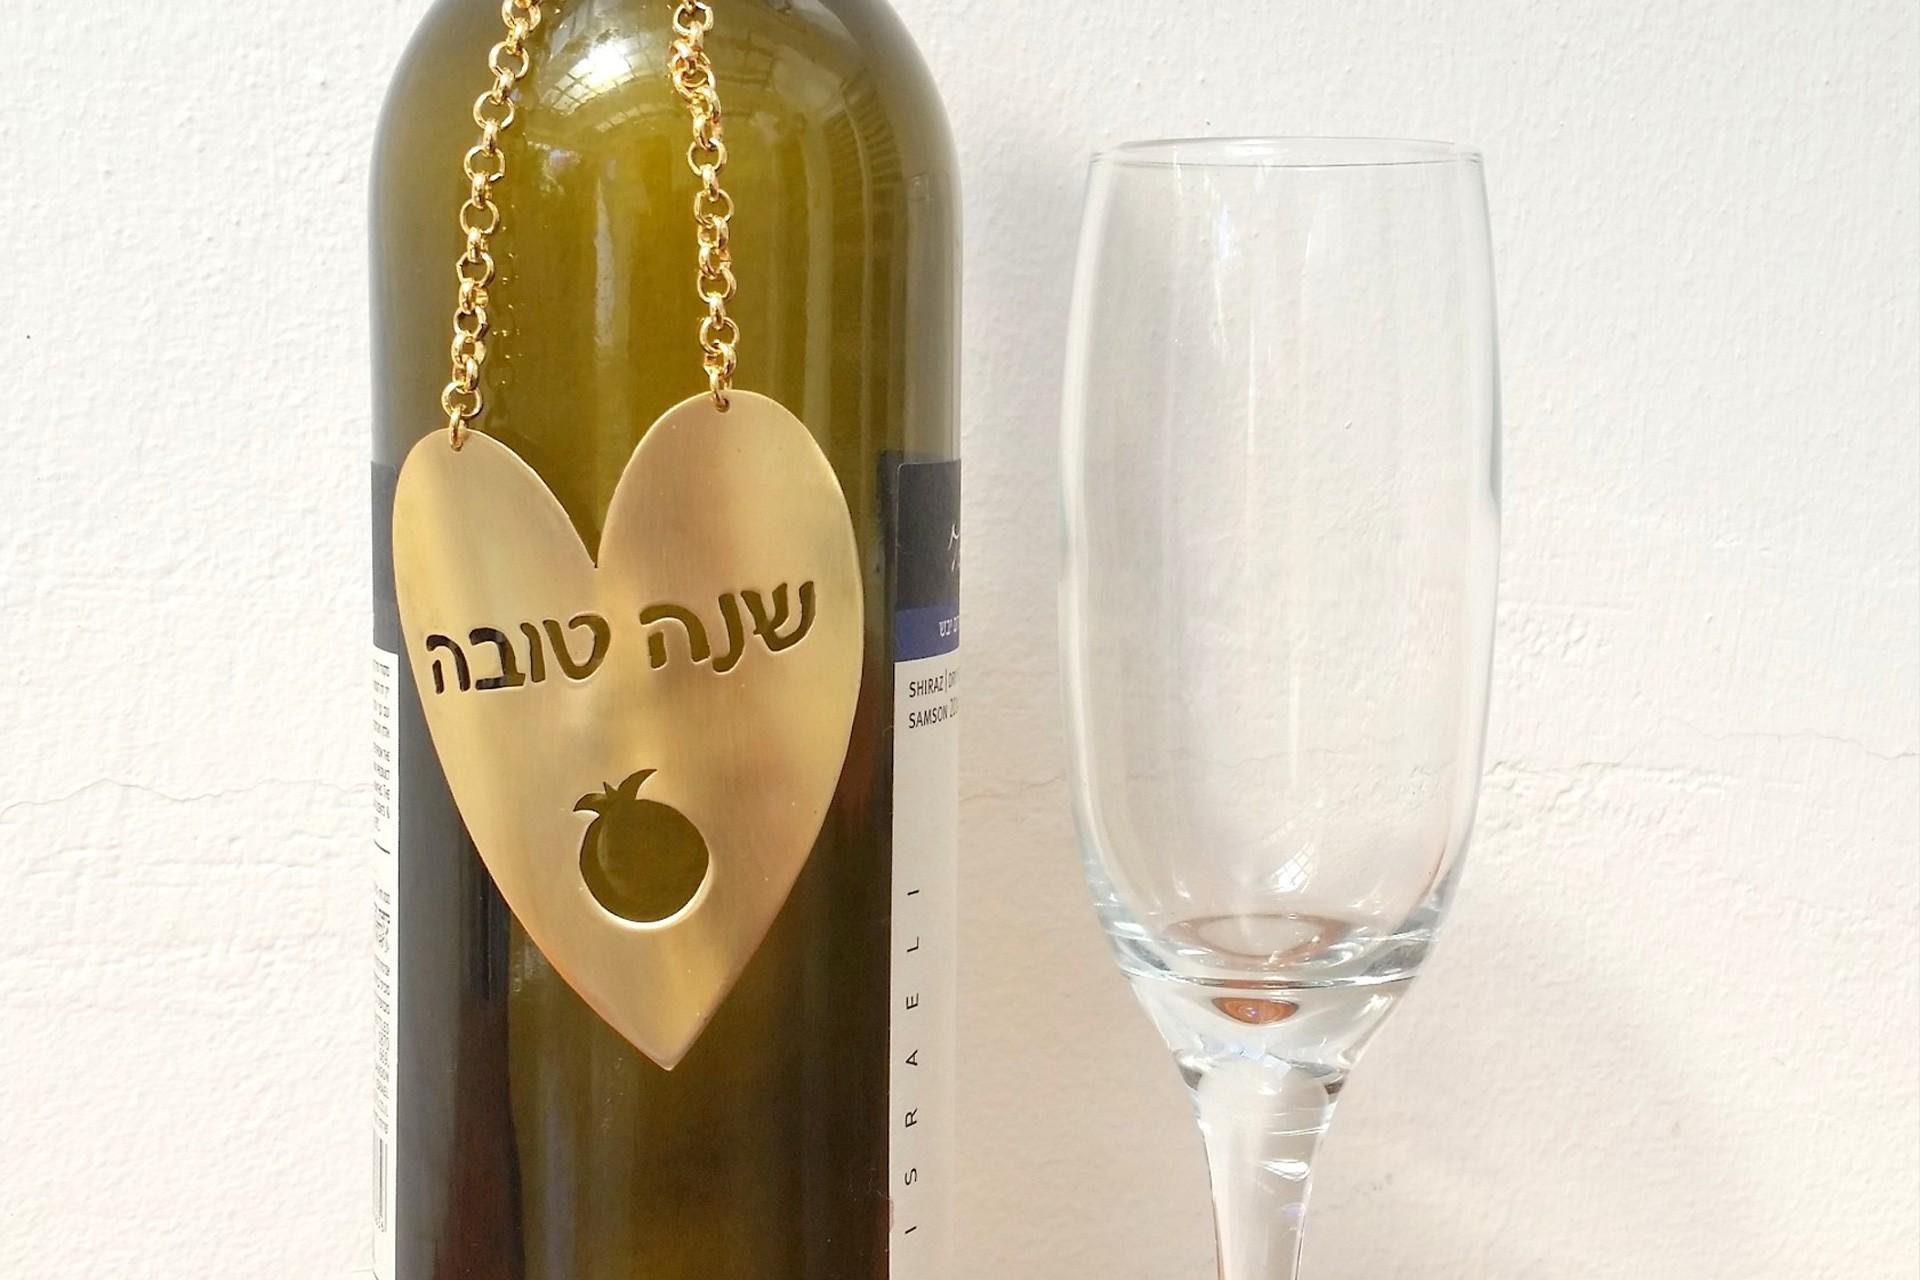 קישוט לבקבוק יין שנה טובה